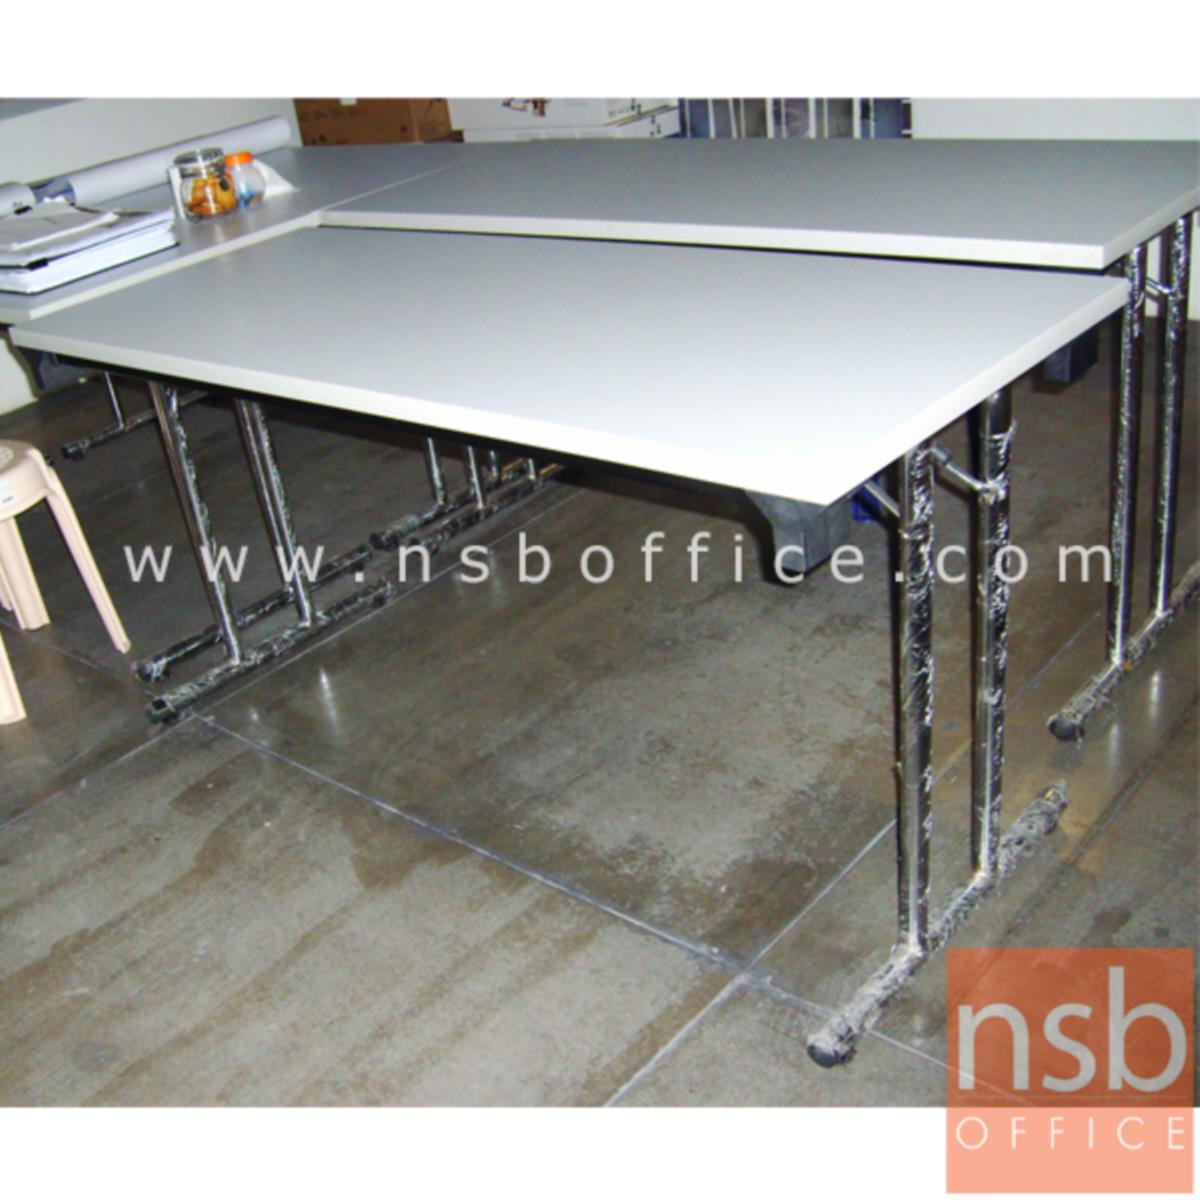 โต๊ะพับหน้าโฟเมก้าขาว รุ่น Carolla (คาโรล่า) ขนาด 5 ,6 ฟุต  ขาตัวทีชุบโครเมี่ยม